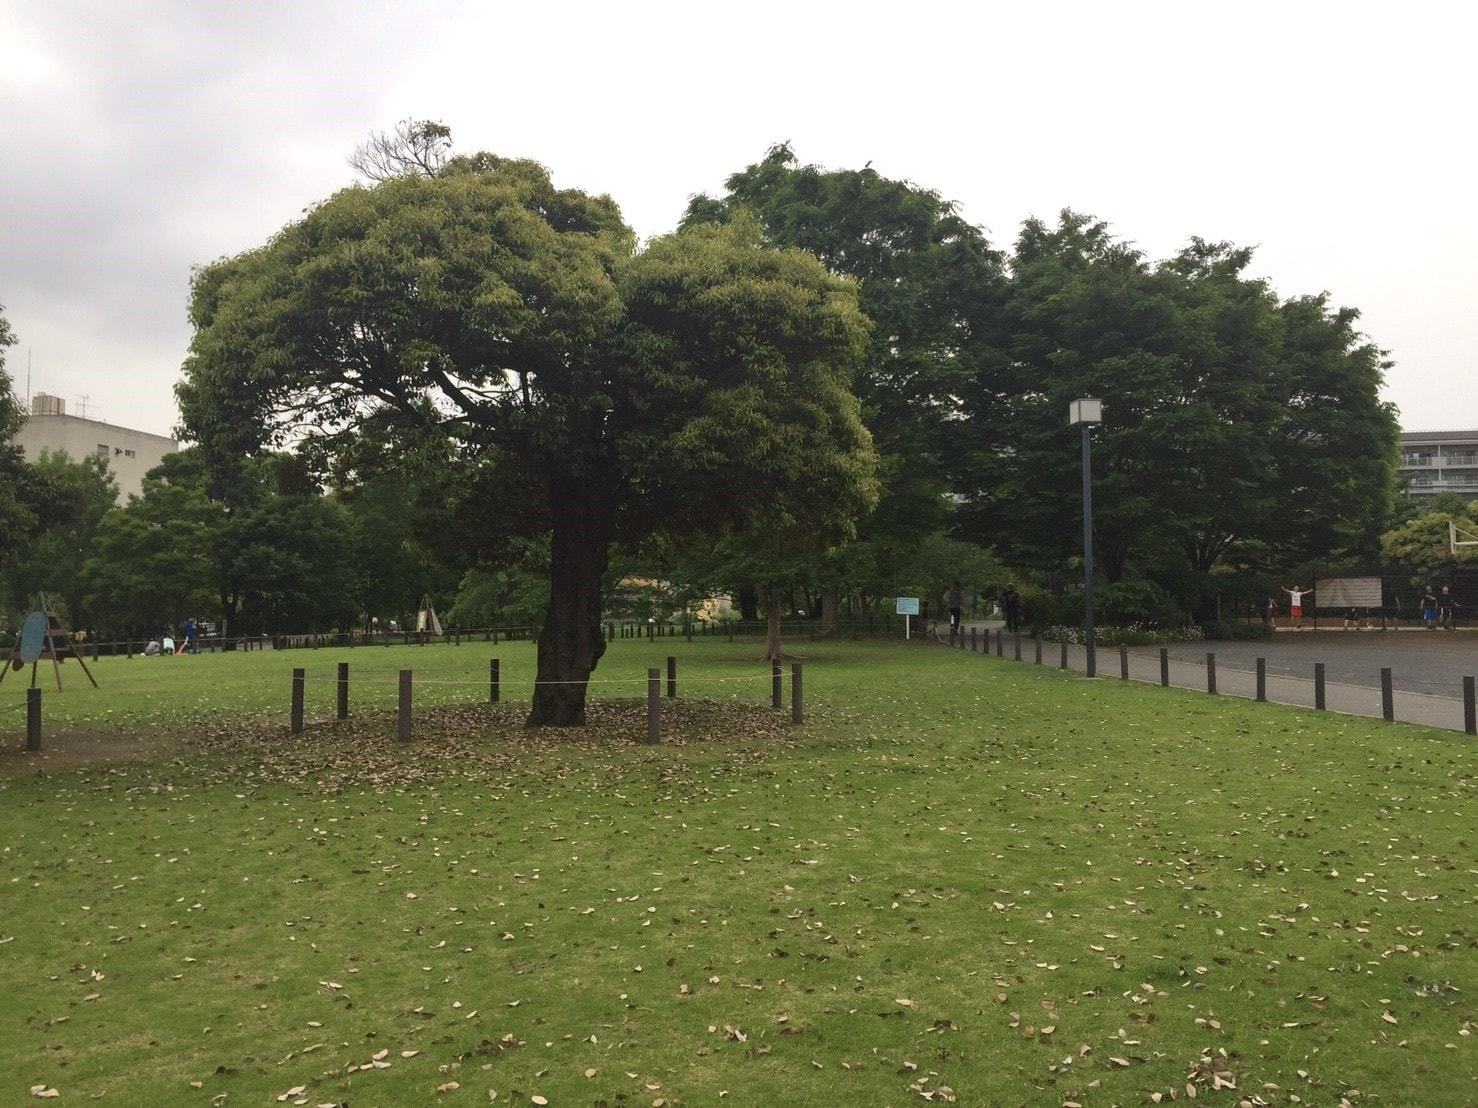 木や芝生が綺麗な公園の風景